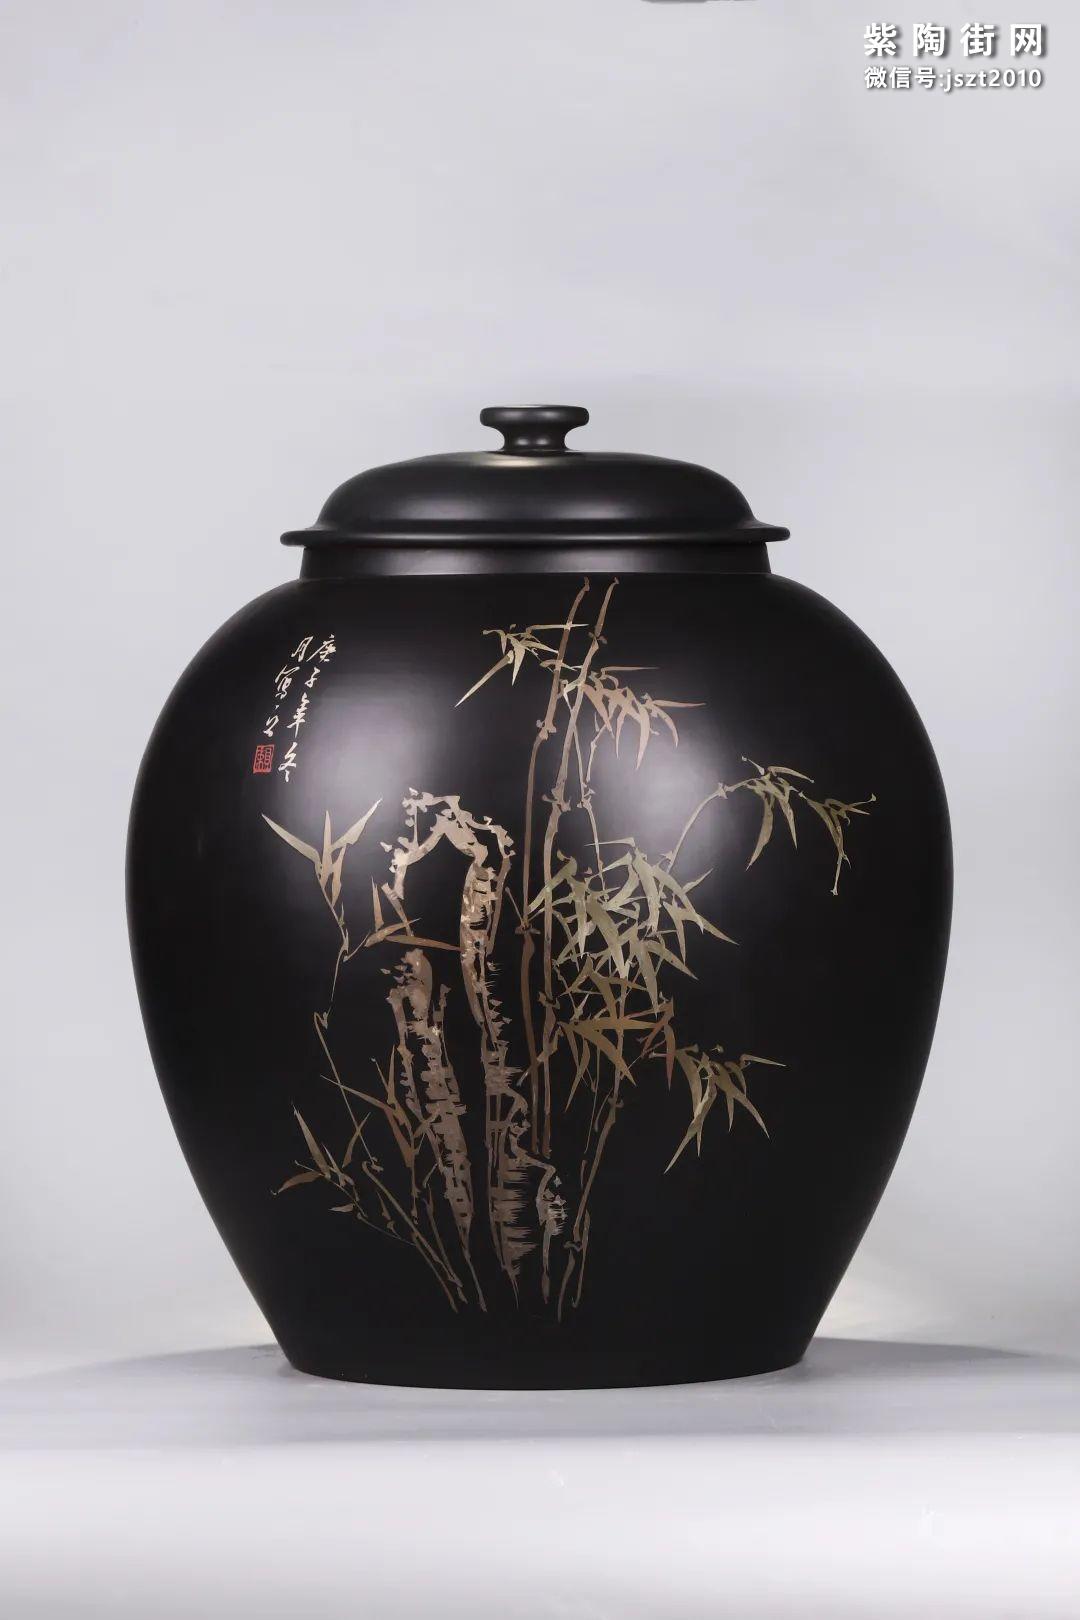 什么样的建水紫陶茶缸好?插图29